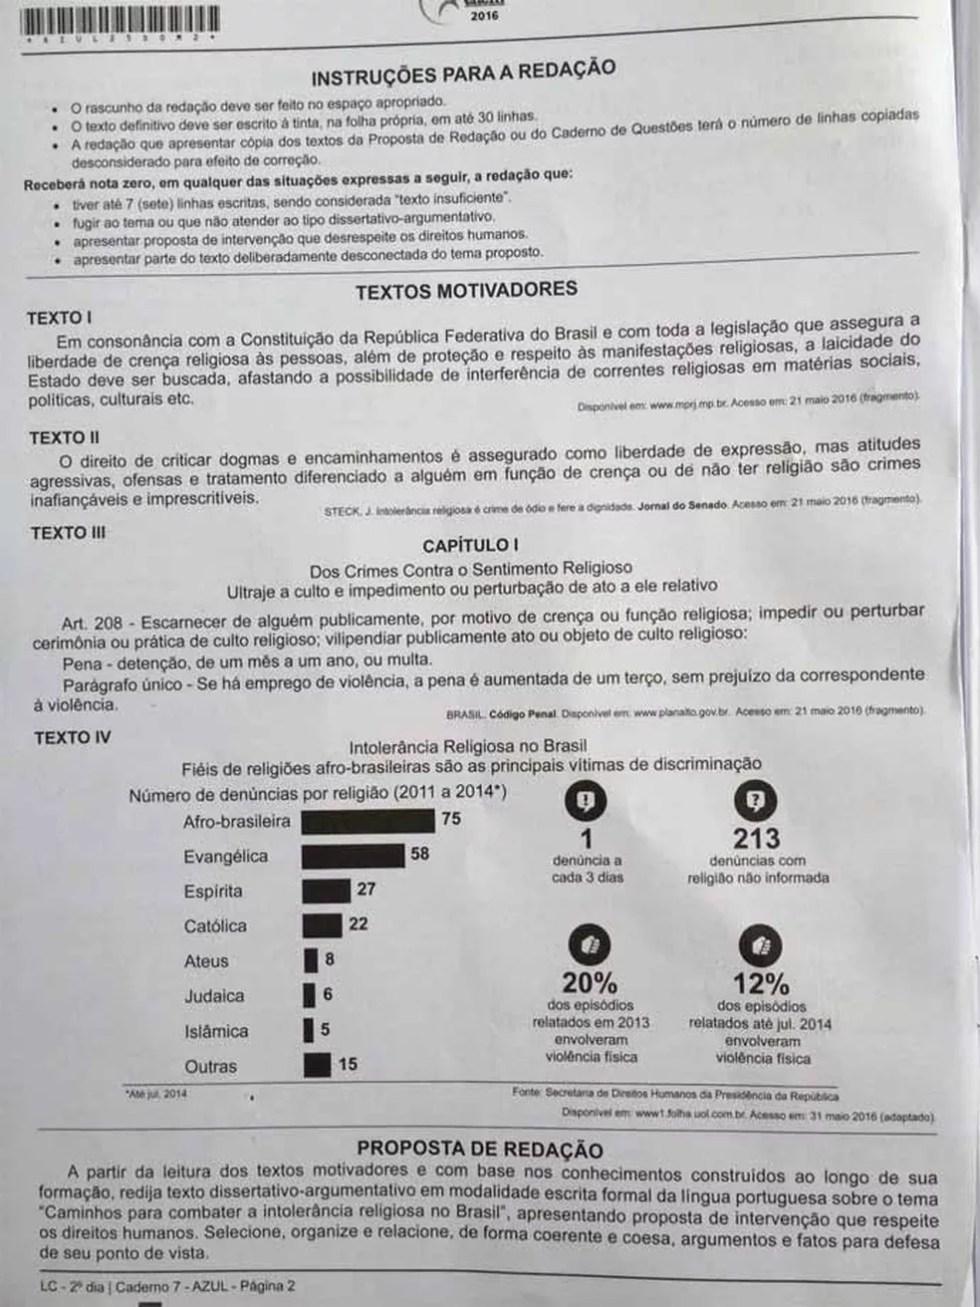 Prova de redação do Enem 2016 teve como tema 'Caminhos para combater a intolerância religiosa no Brasil' (Foto: G1 )